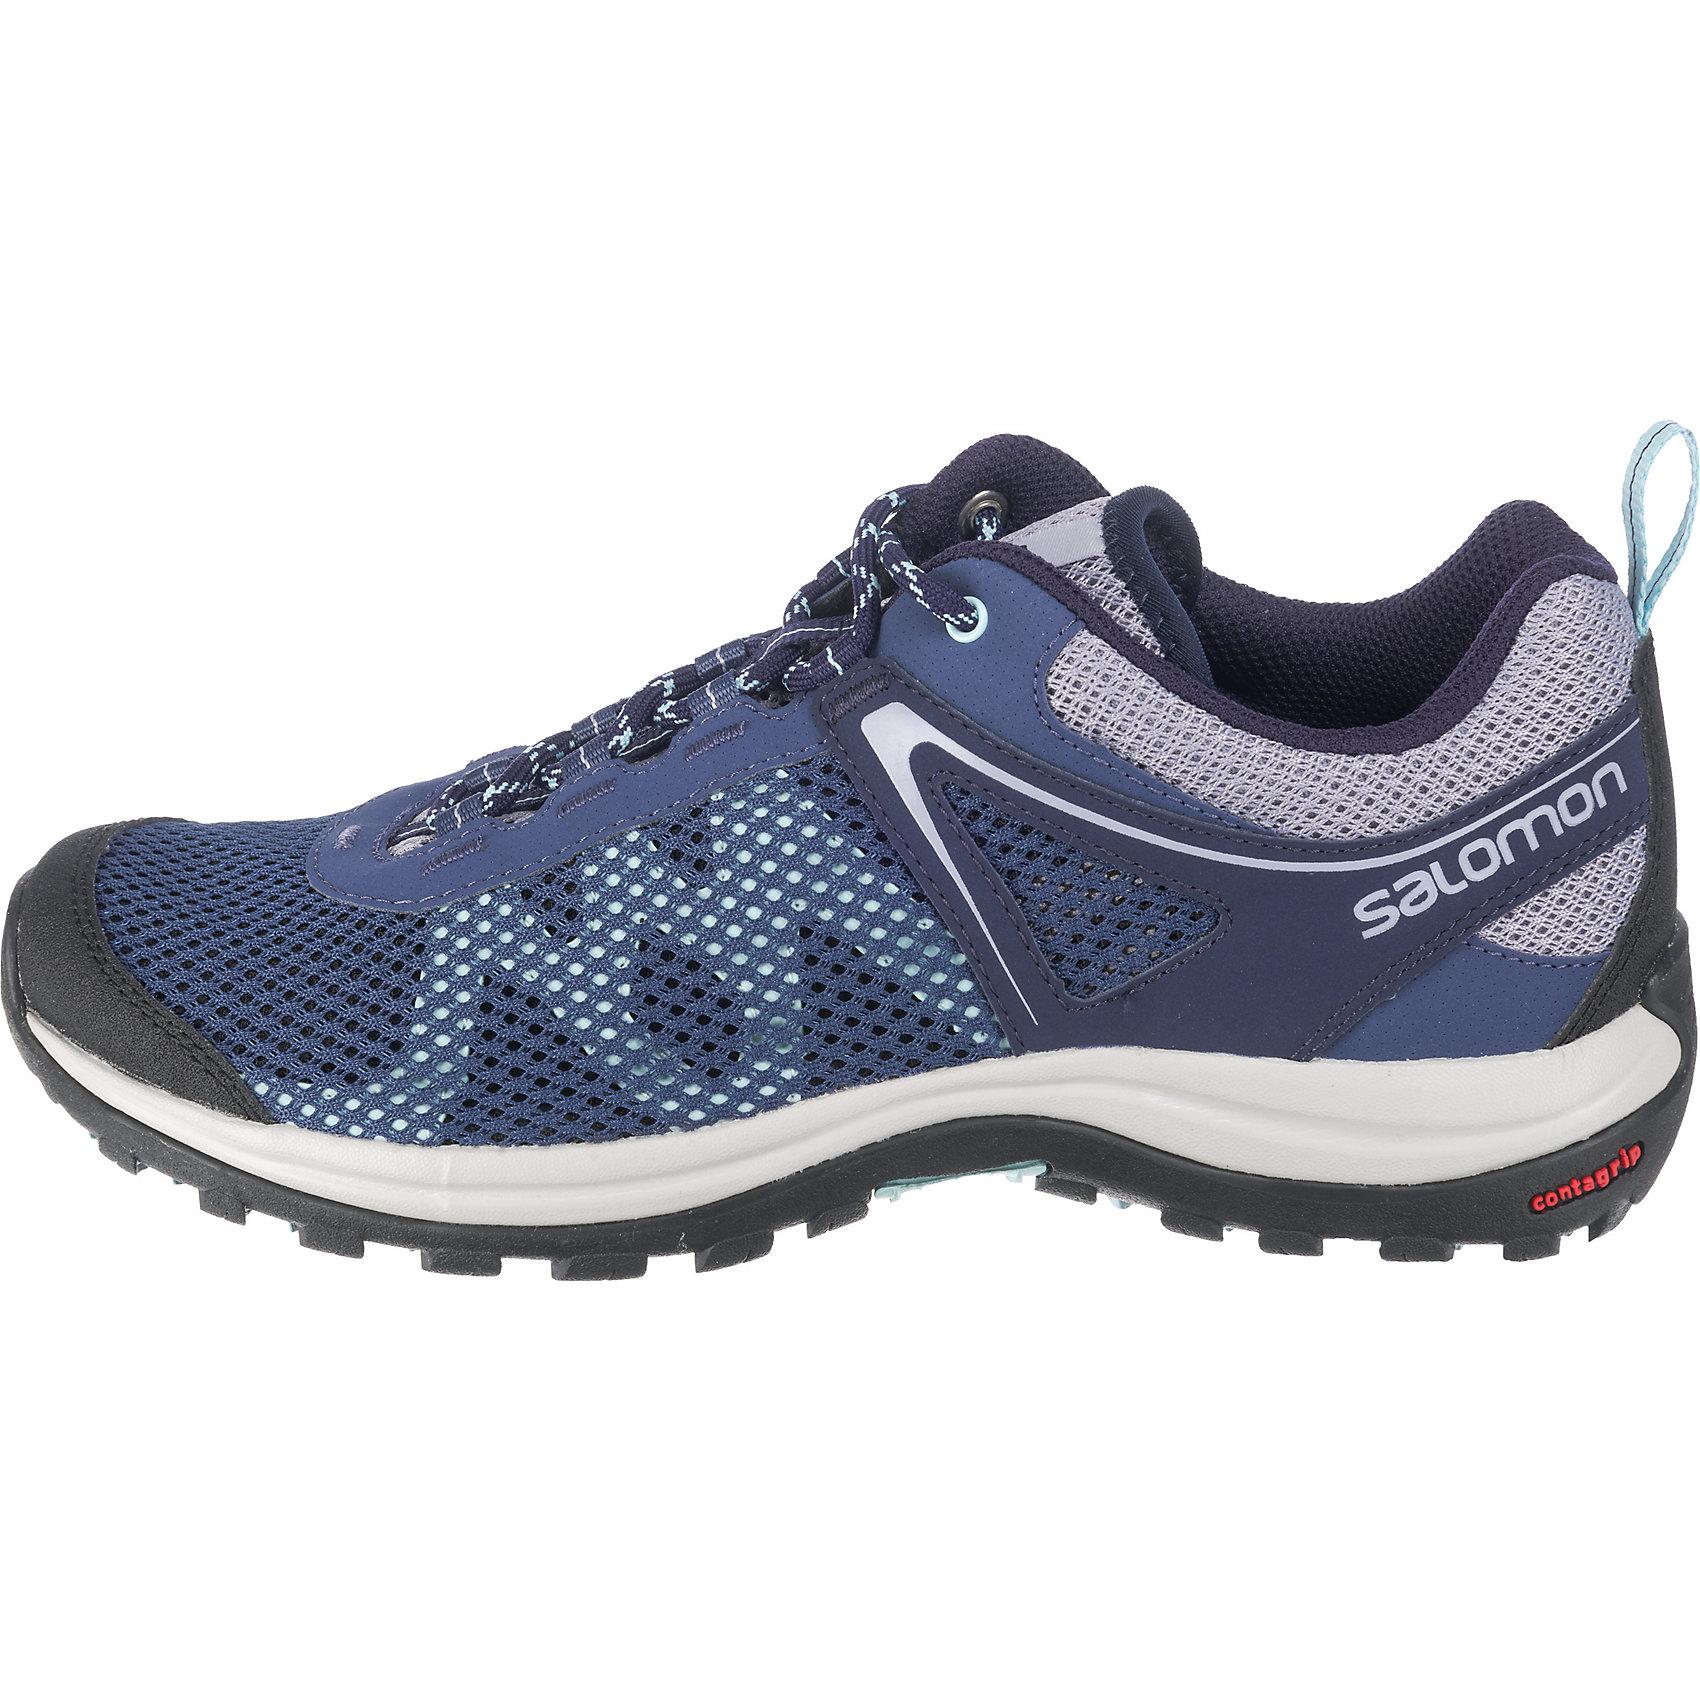 Neu Salomon Schuhe ELLIPSE MEHARI 6831919 Crown Blau/Ev Blau Wassersportschuhe 6831919 MEHARI 397270